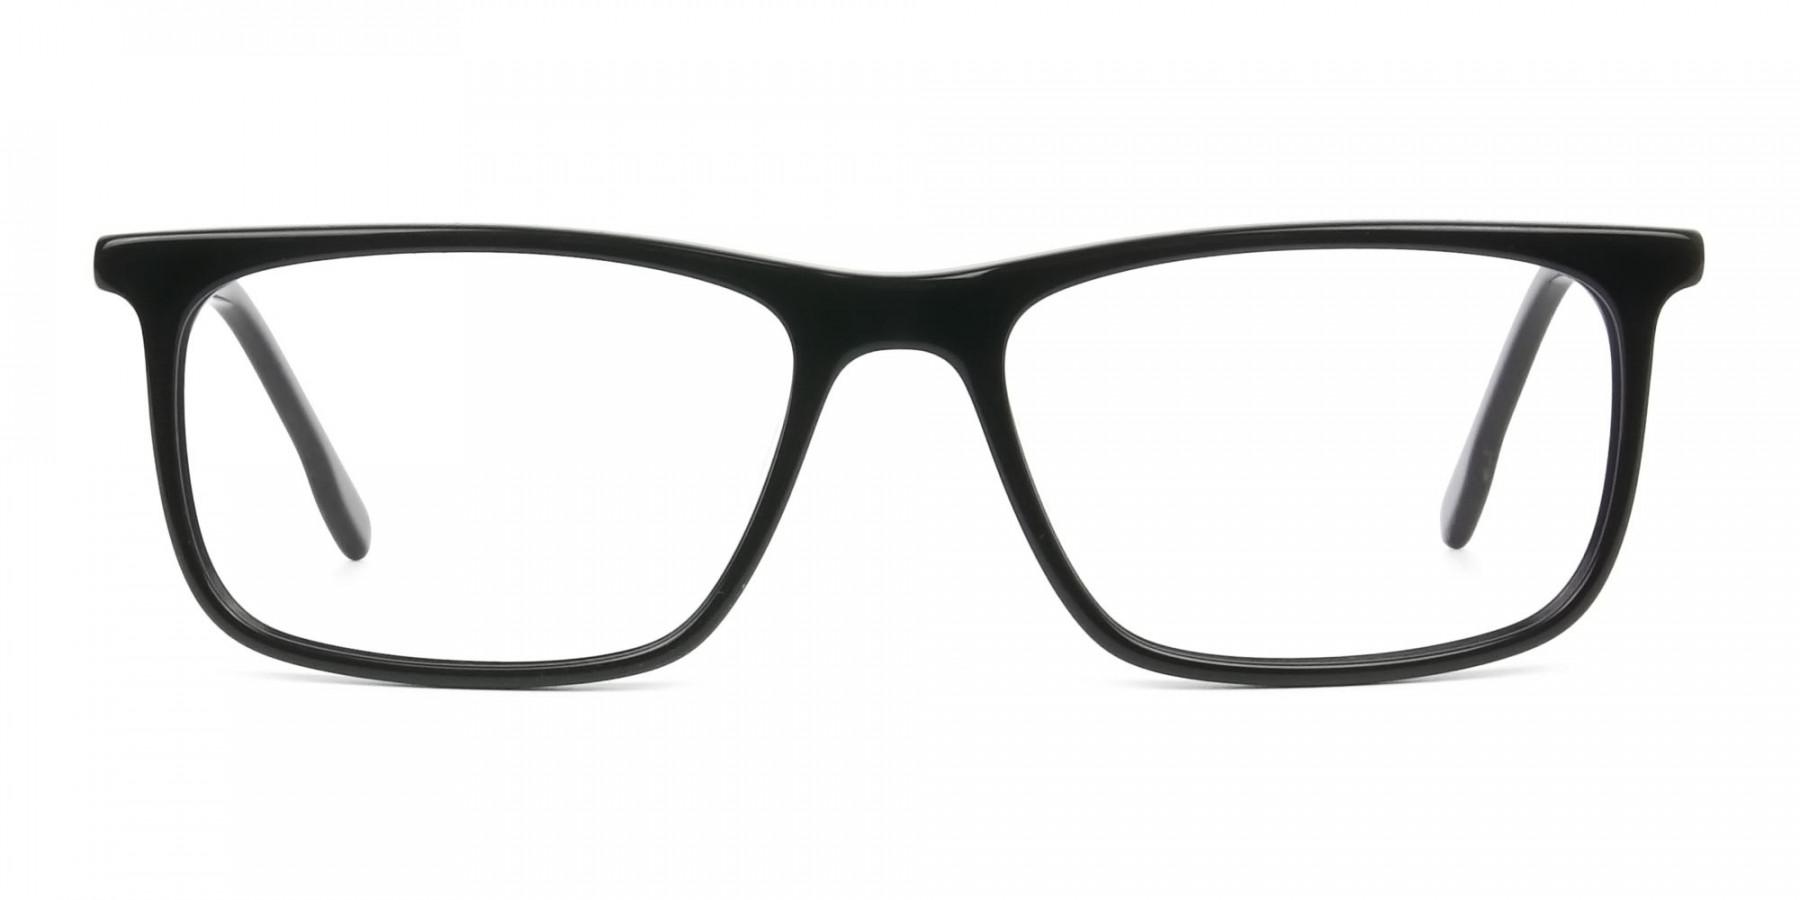 Black Acetate Spectacles in Rectangular - 1